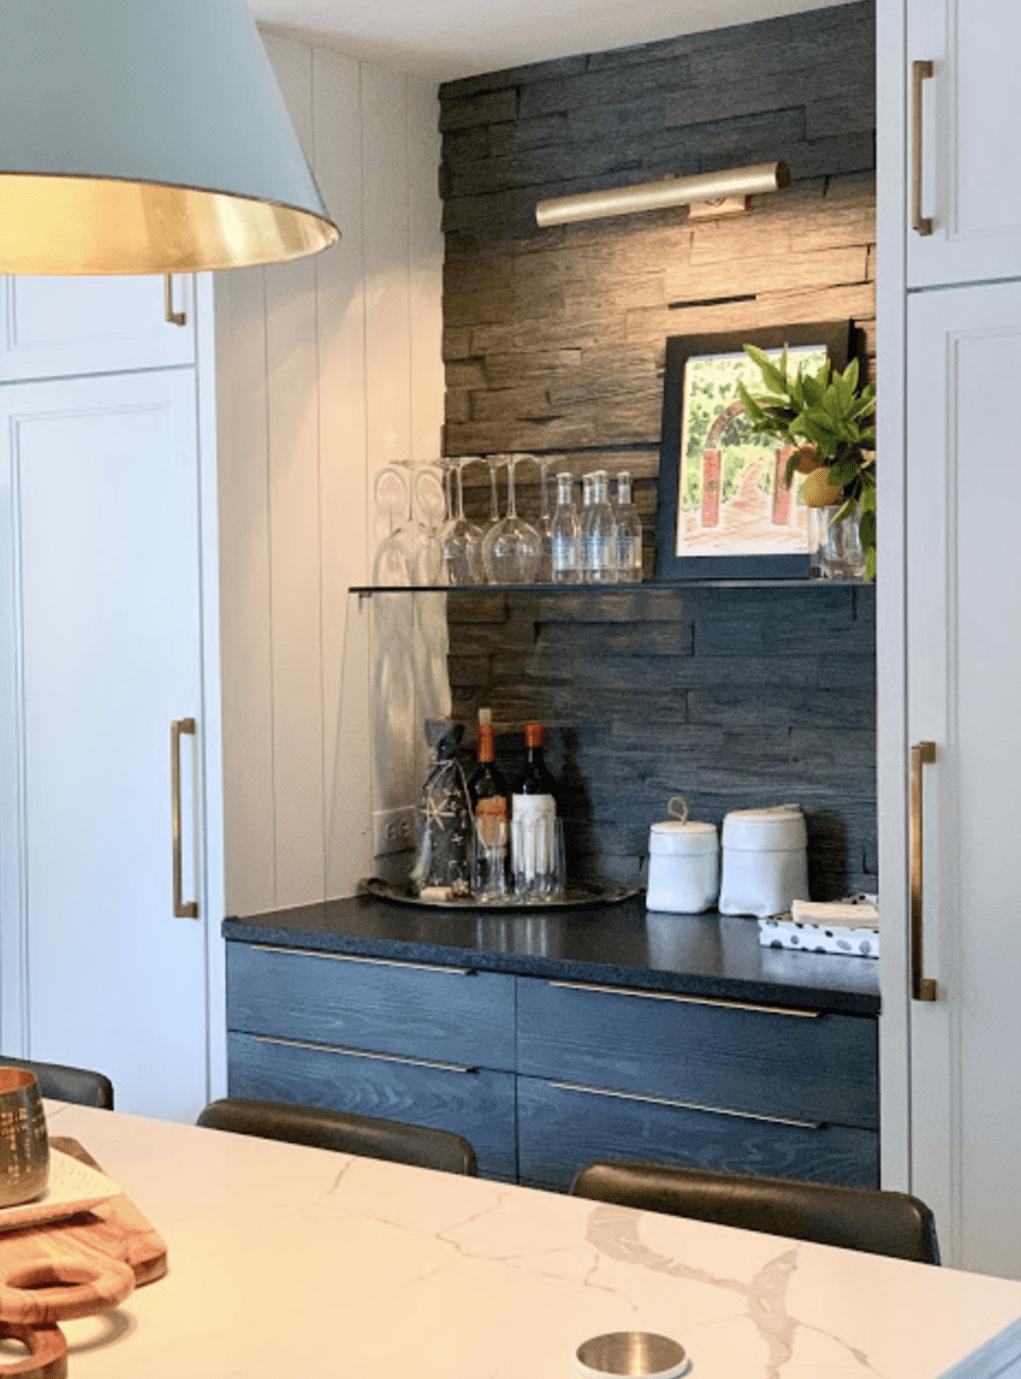 sherry hart kitchen styling